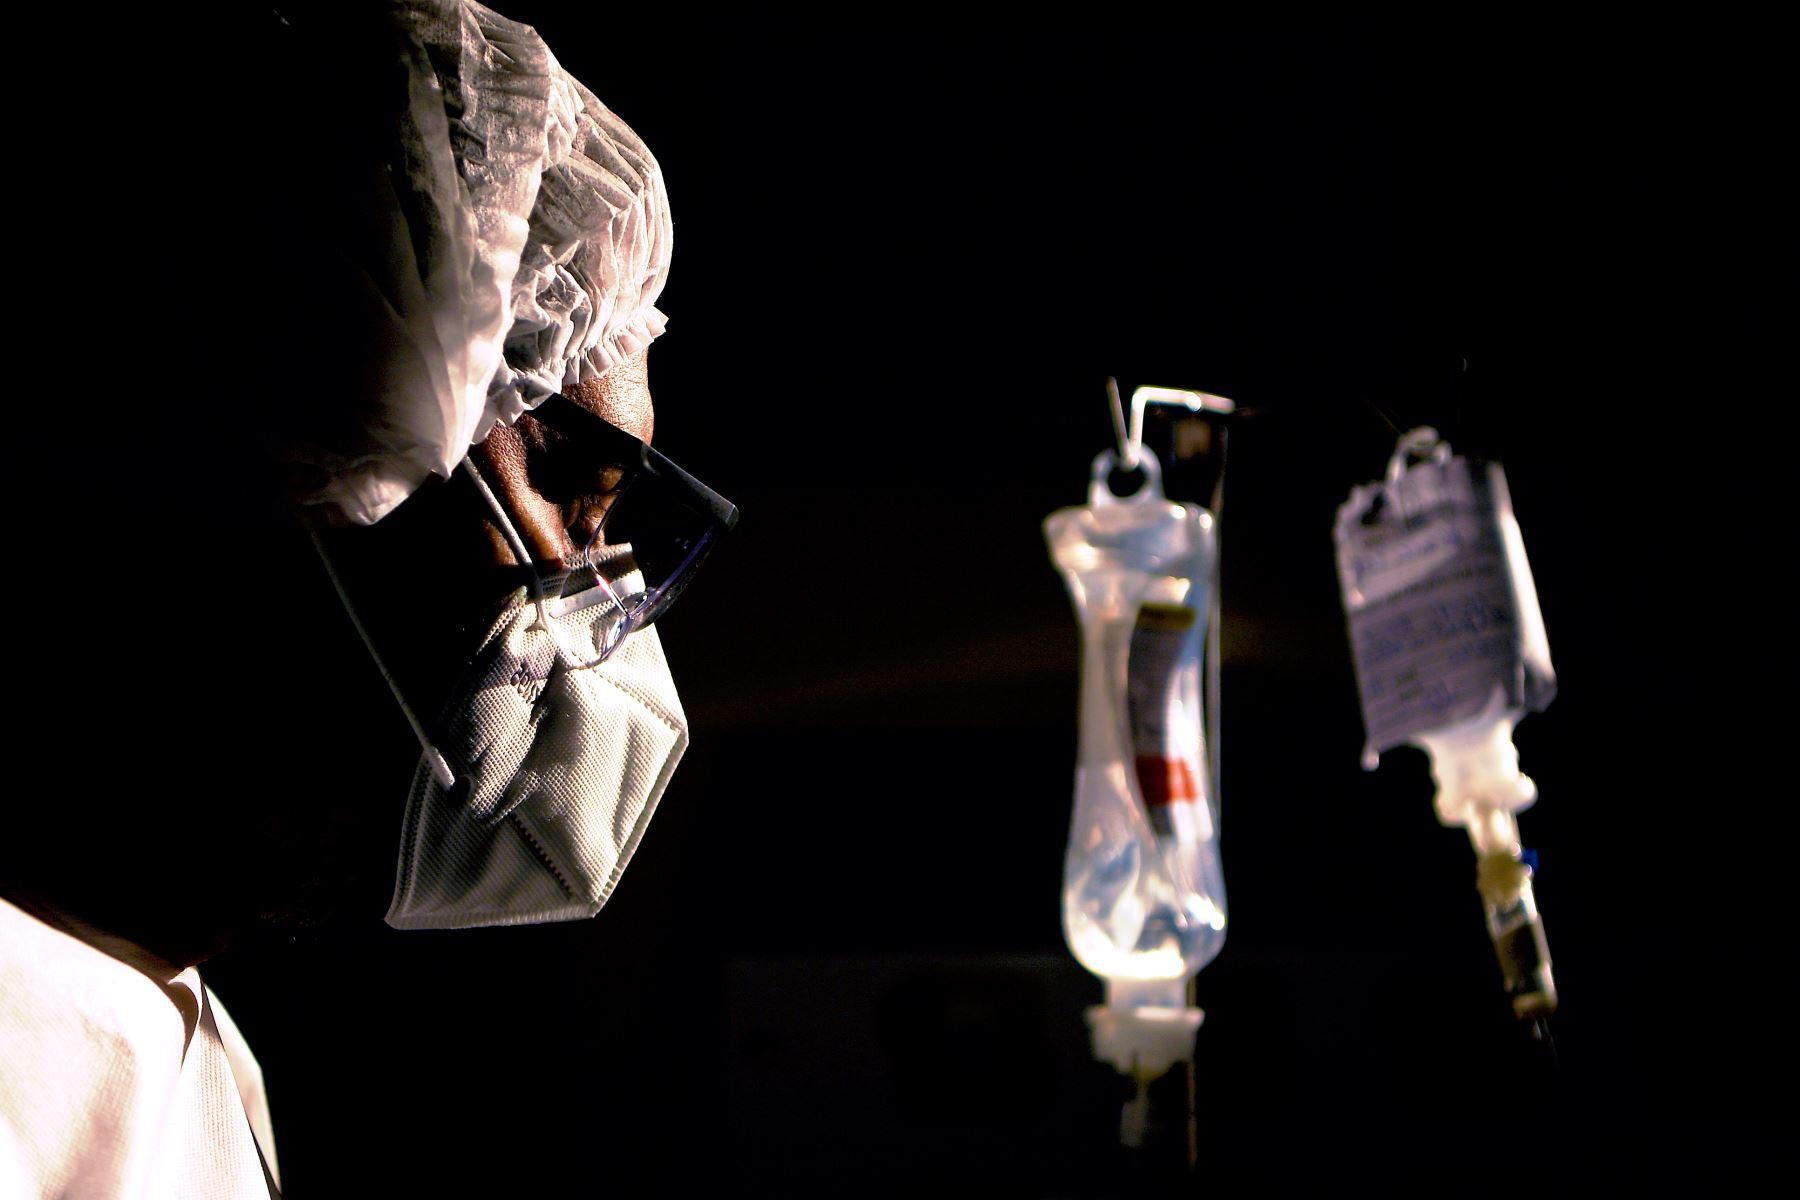 En esta foto de archivo tomada el 22 de junio de 2020, un cirujano revisa el goteo intravenoso de uno de sus pacientes con covid-19, en el hospital Oceánico en Niteroi, Río de Janeiro, Brasil, durante la pandemia de coronavirus. Foto: AFP